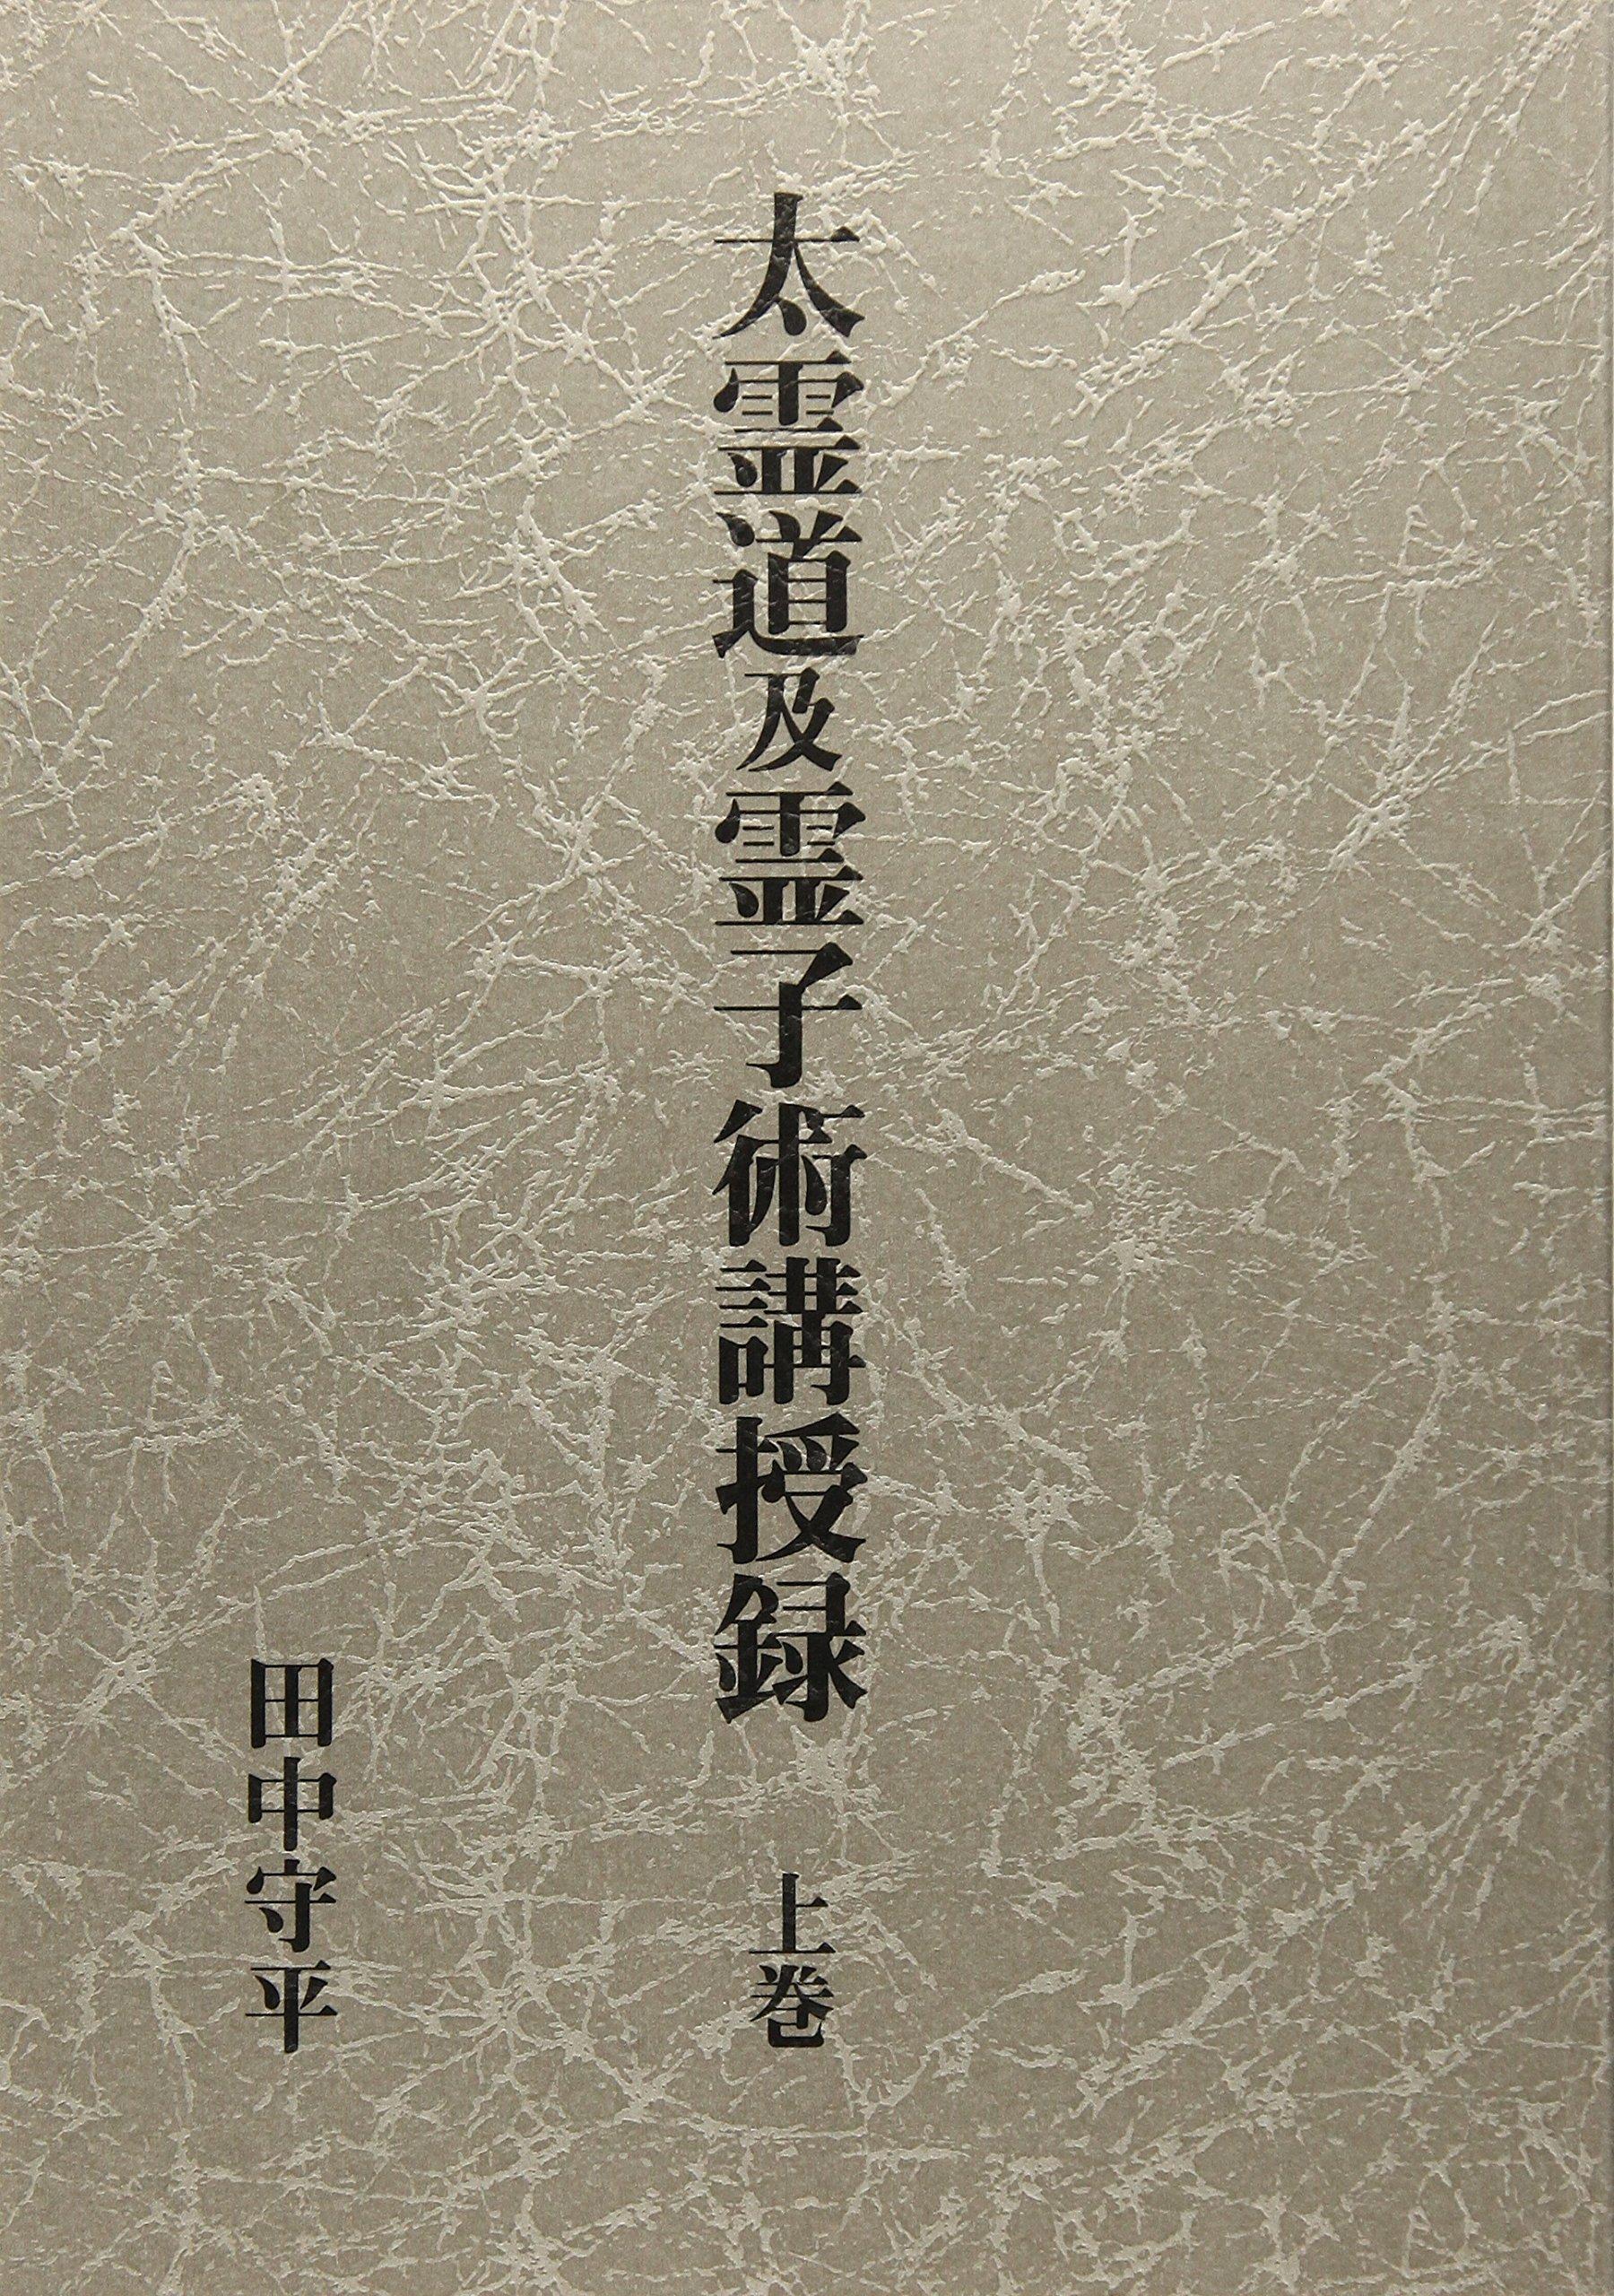 太霊道及霊子術講授録 上巻 | 田...